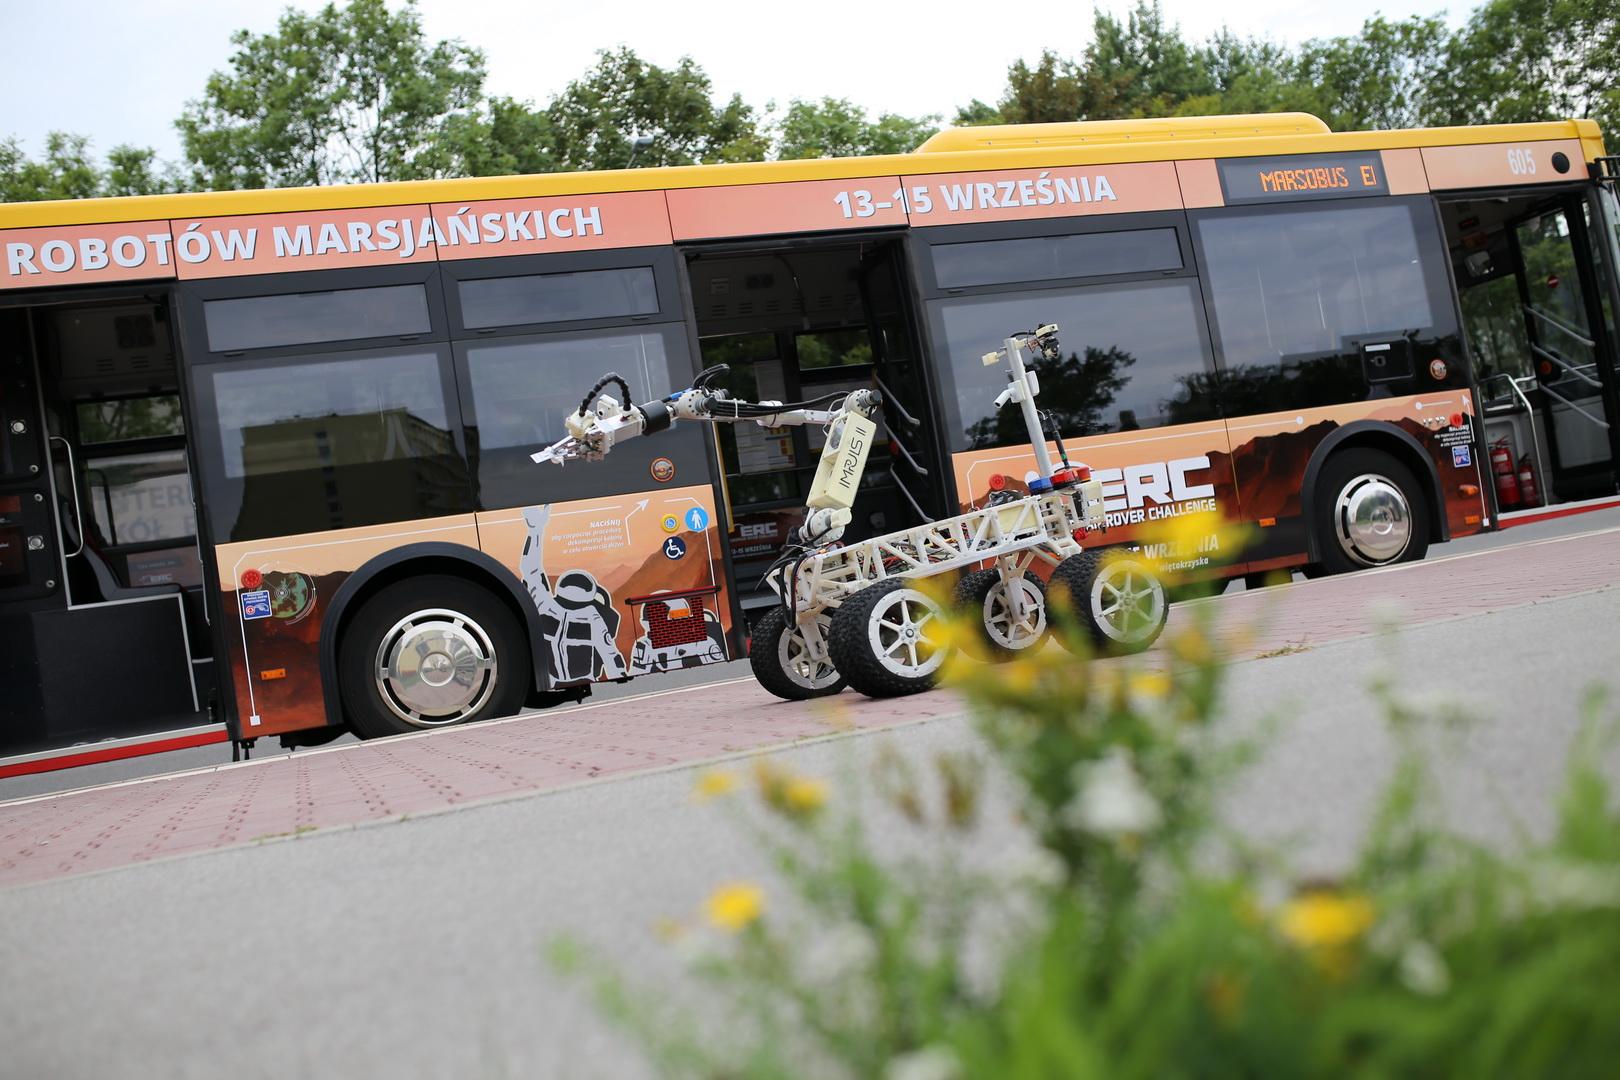 Pierwszy Marsobus w Polsce